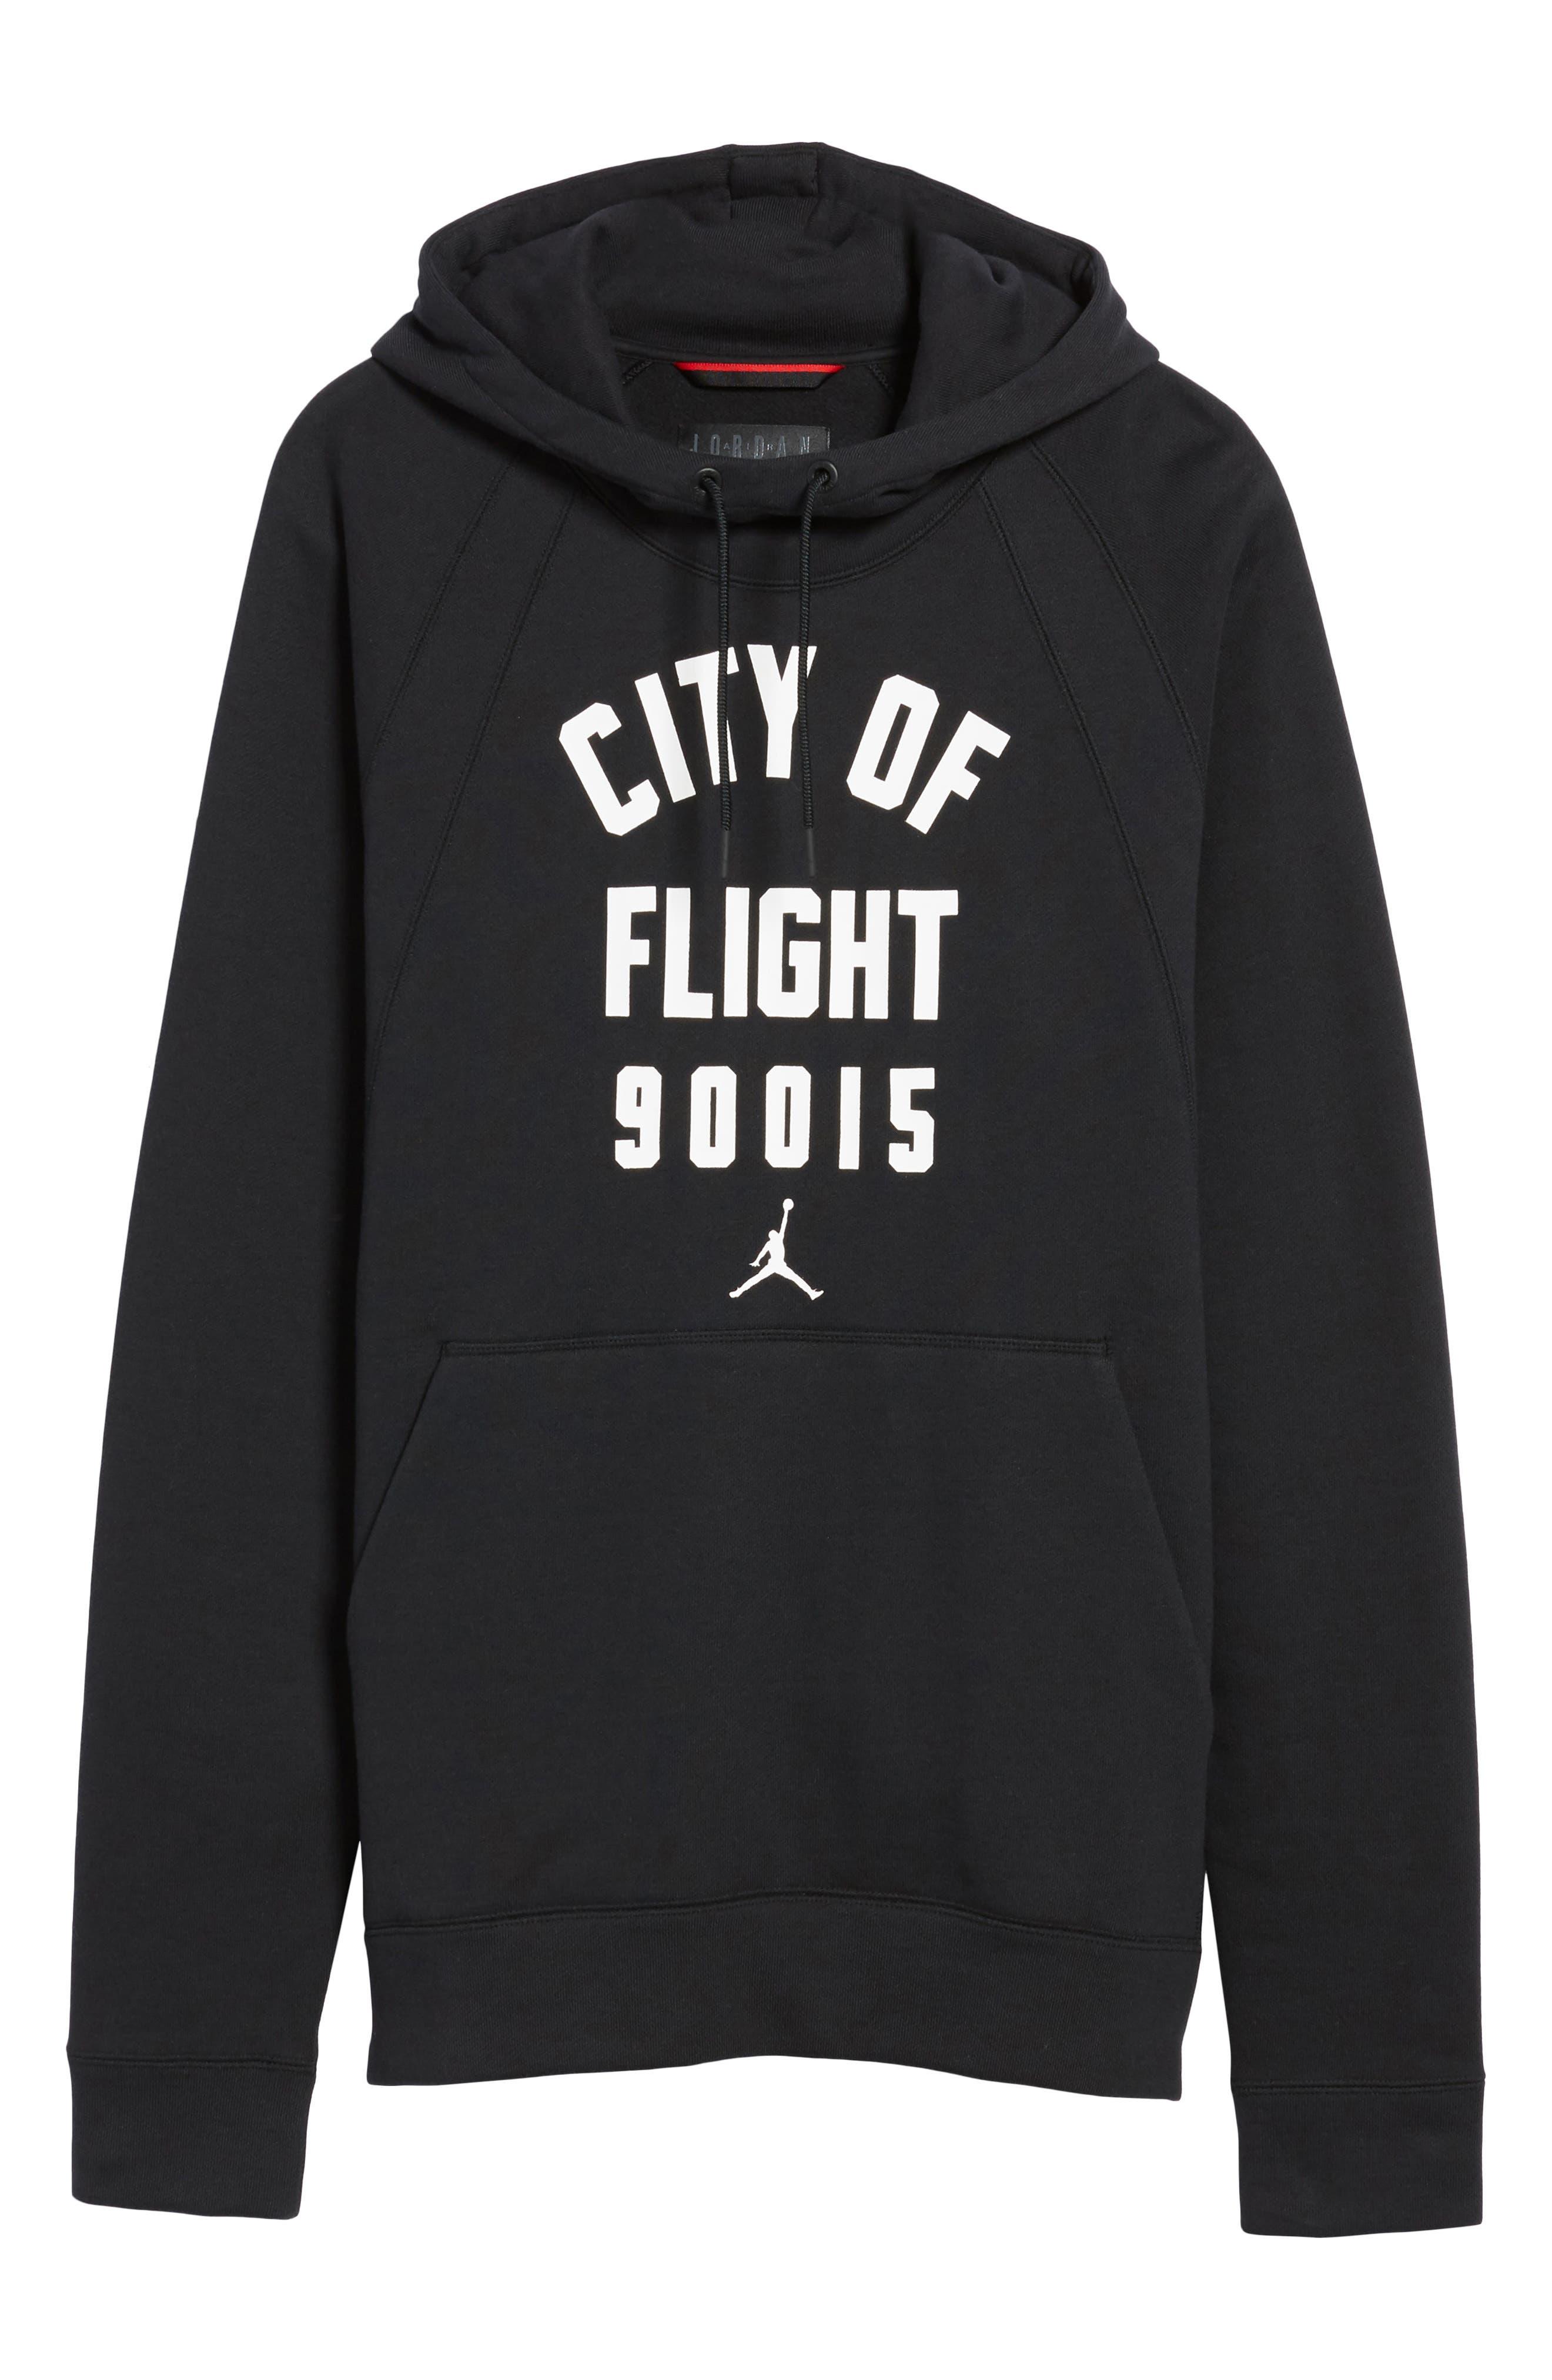 Wings City of Flight Fleece Hoodie,                             Alternate thumbnail 6, color,                             010